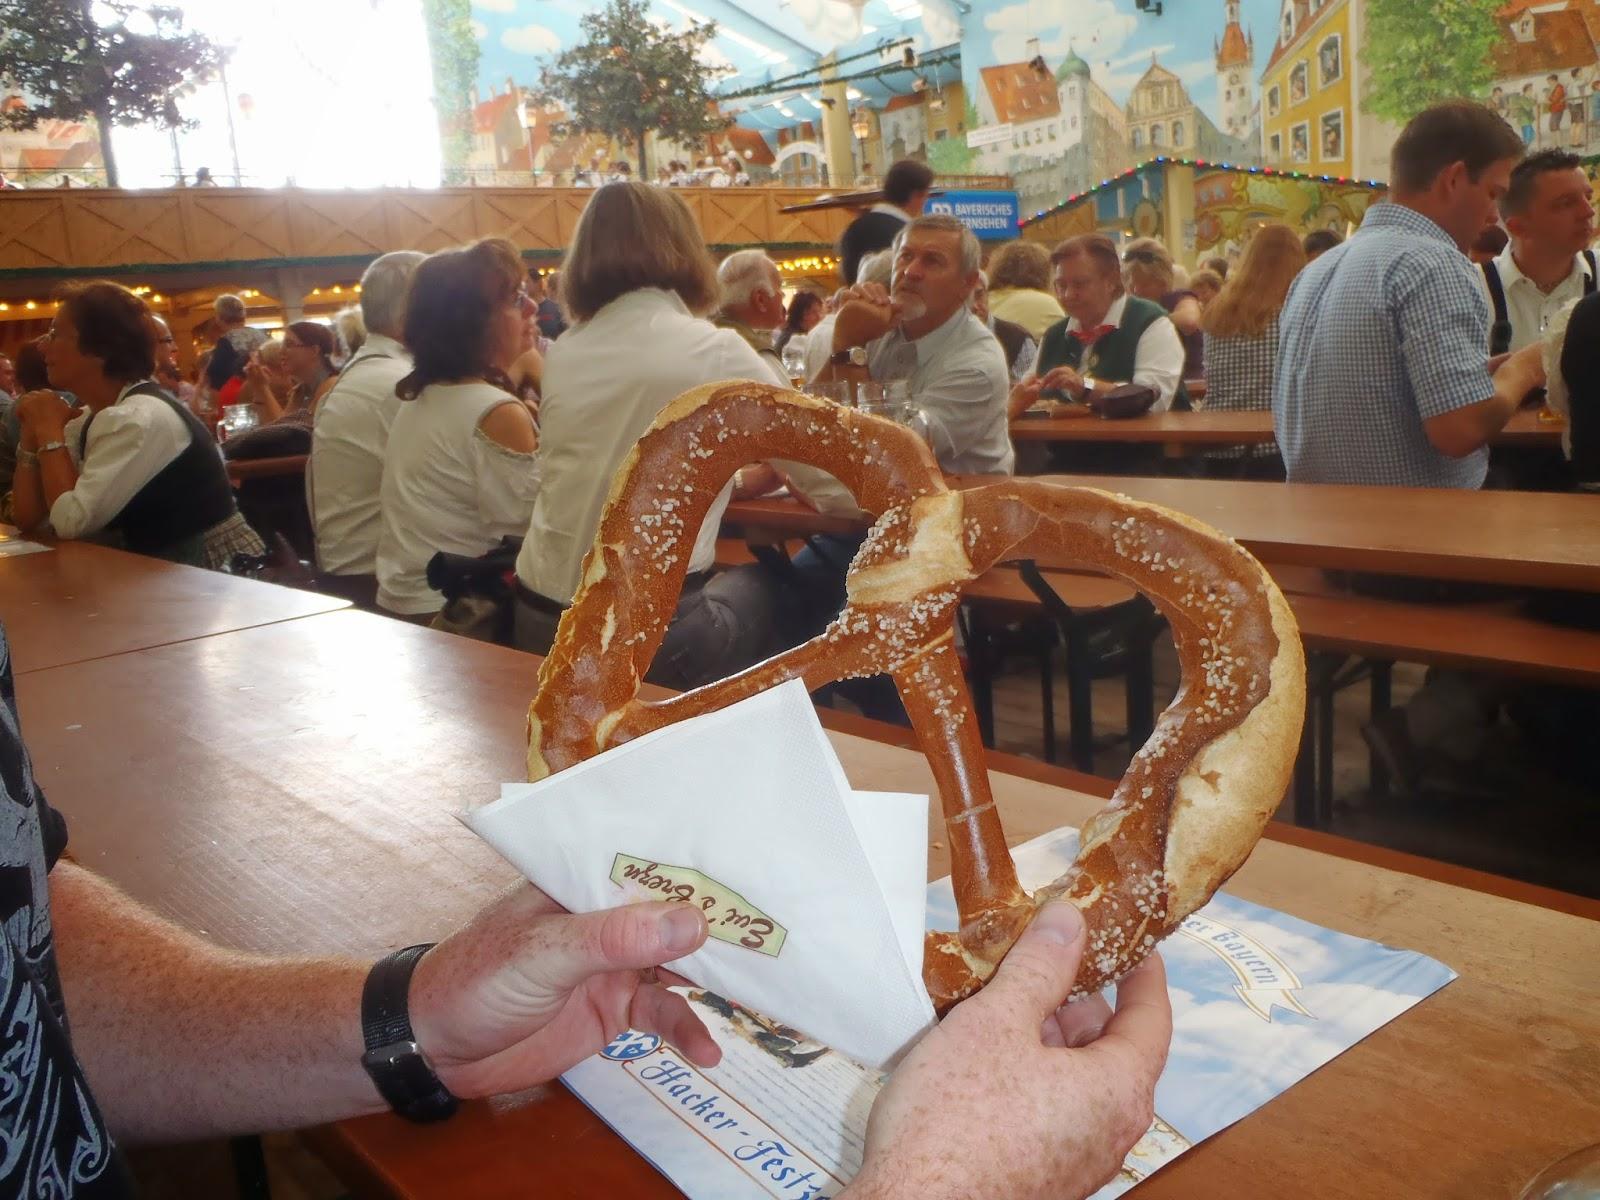 Oktoberfest pretzel